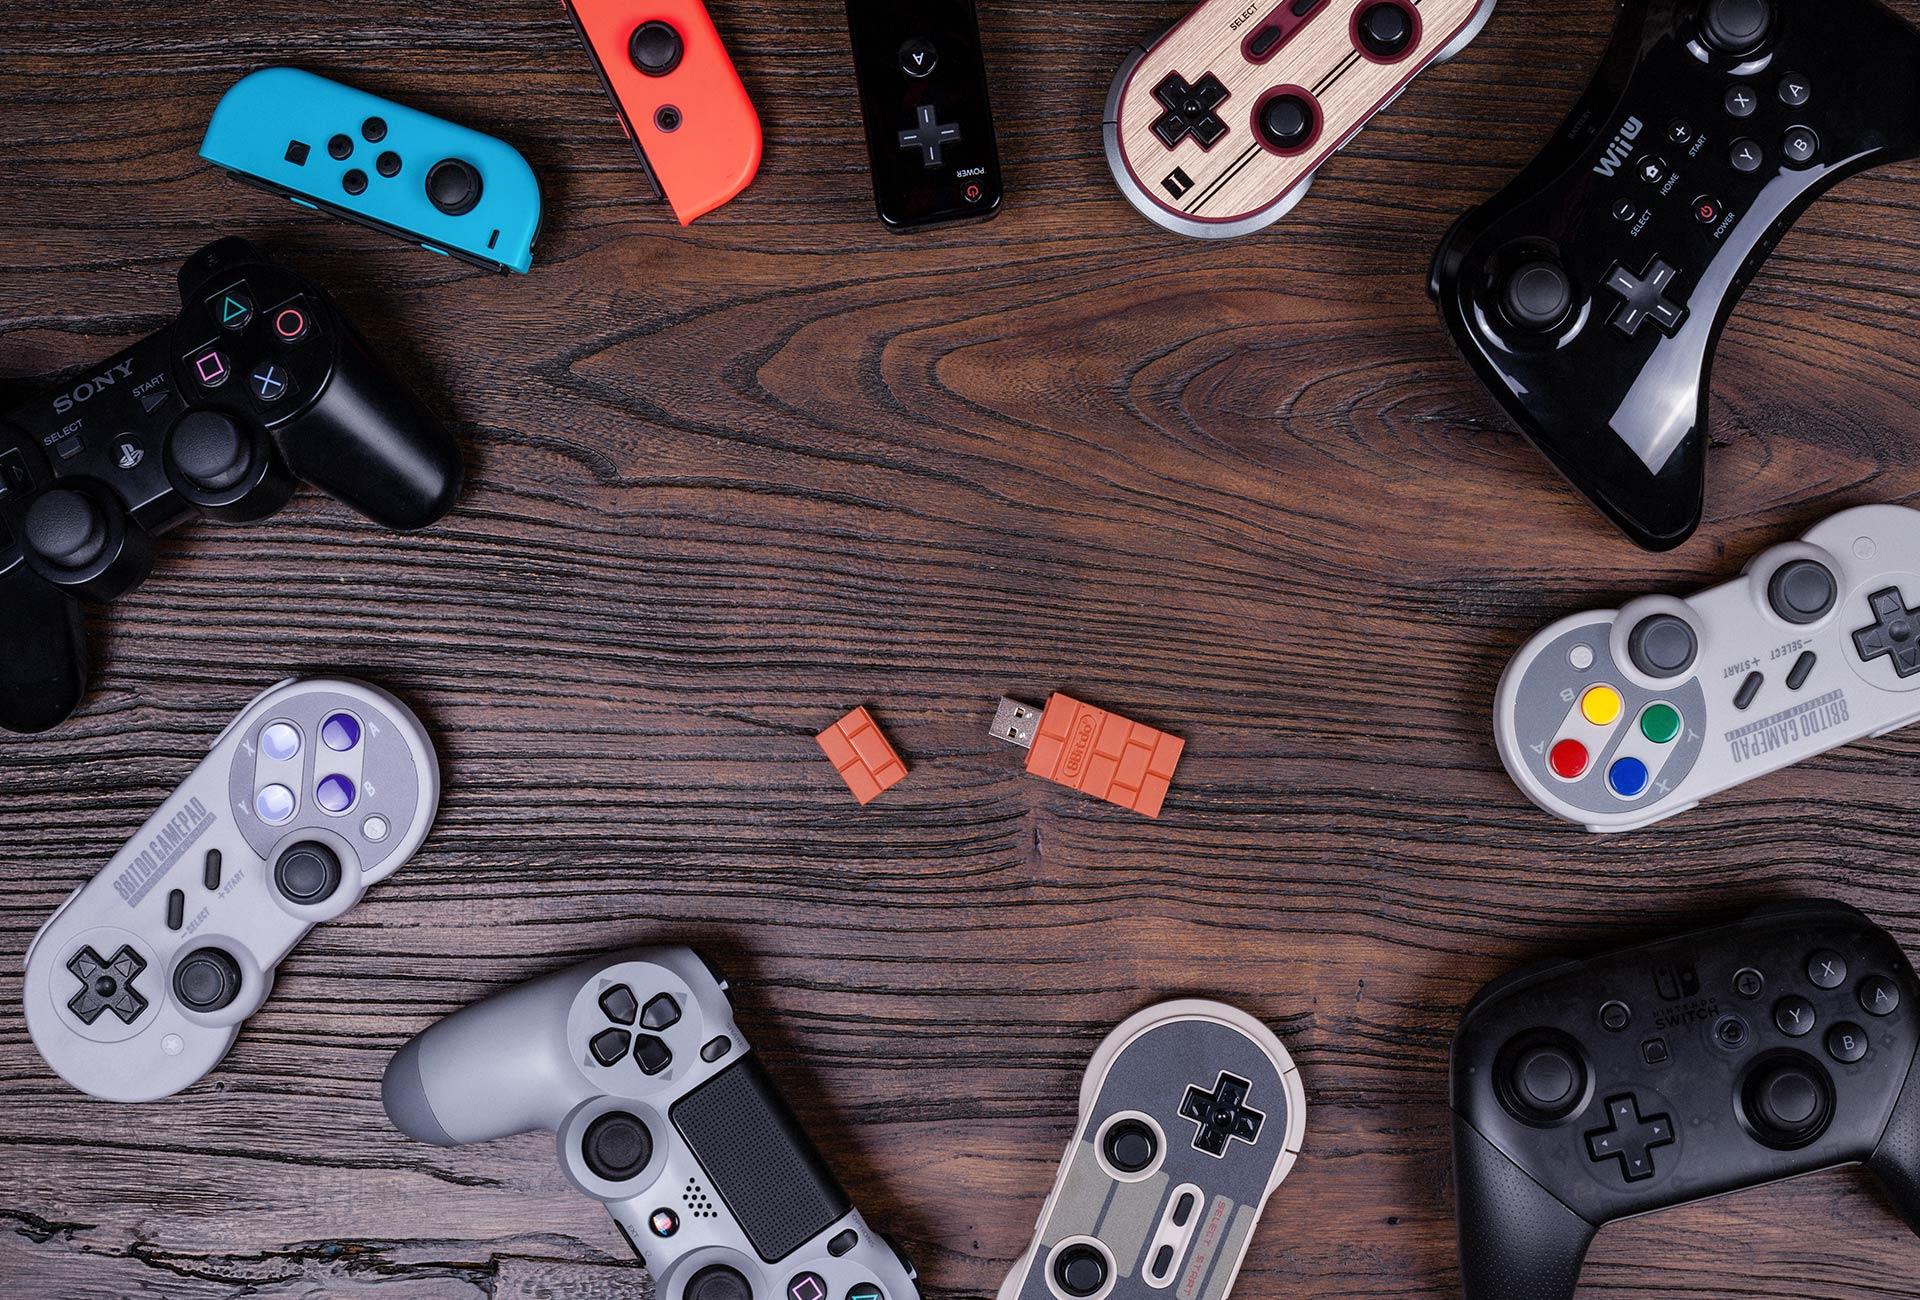 8bitdo's wireless adapter adds flexibility to Xbox